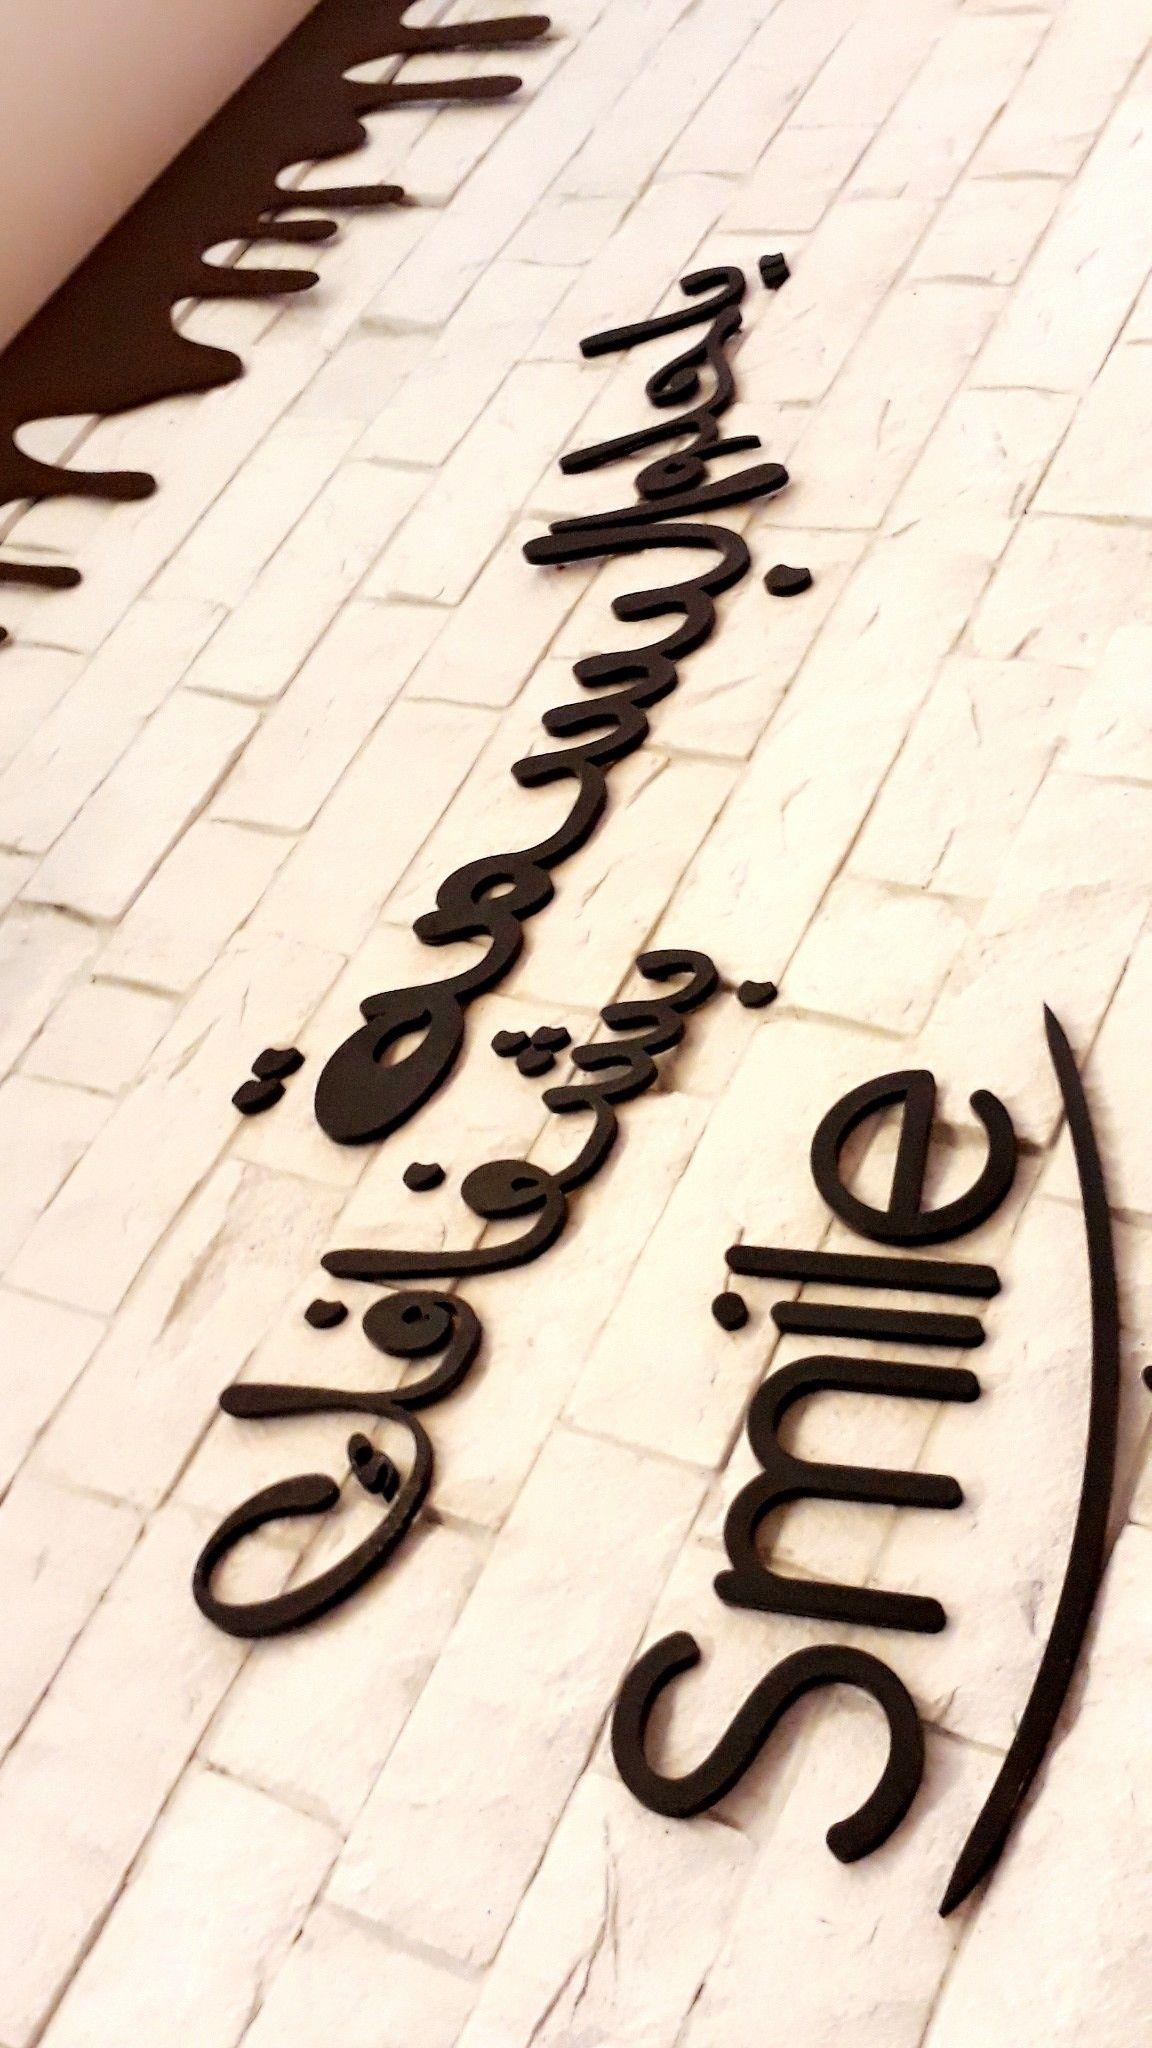 عصير تايم Calligraphy